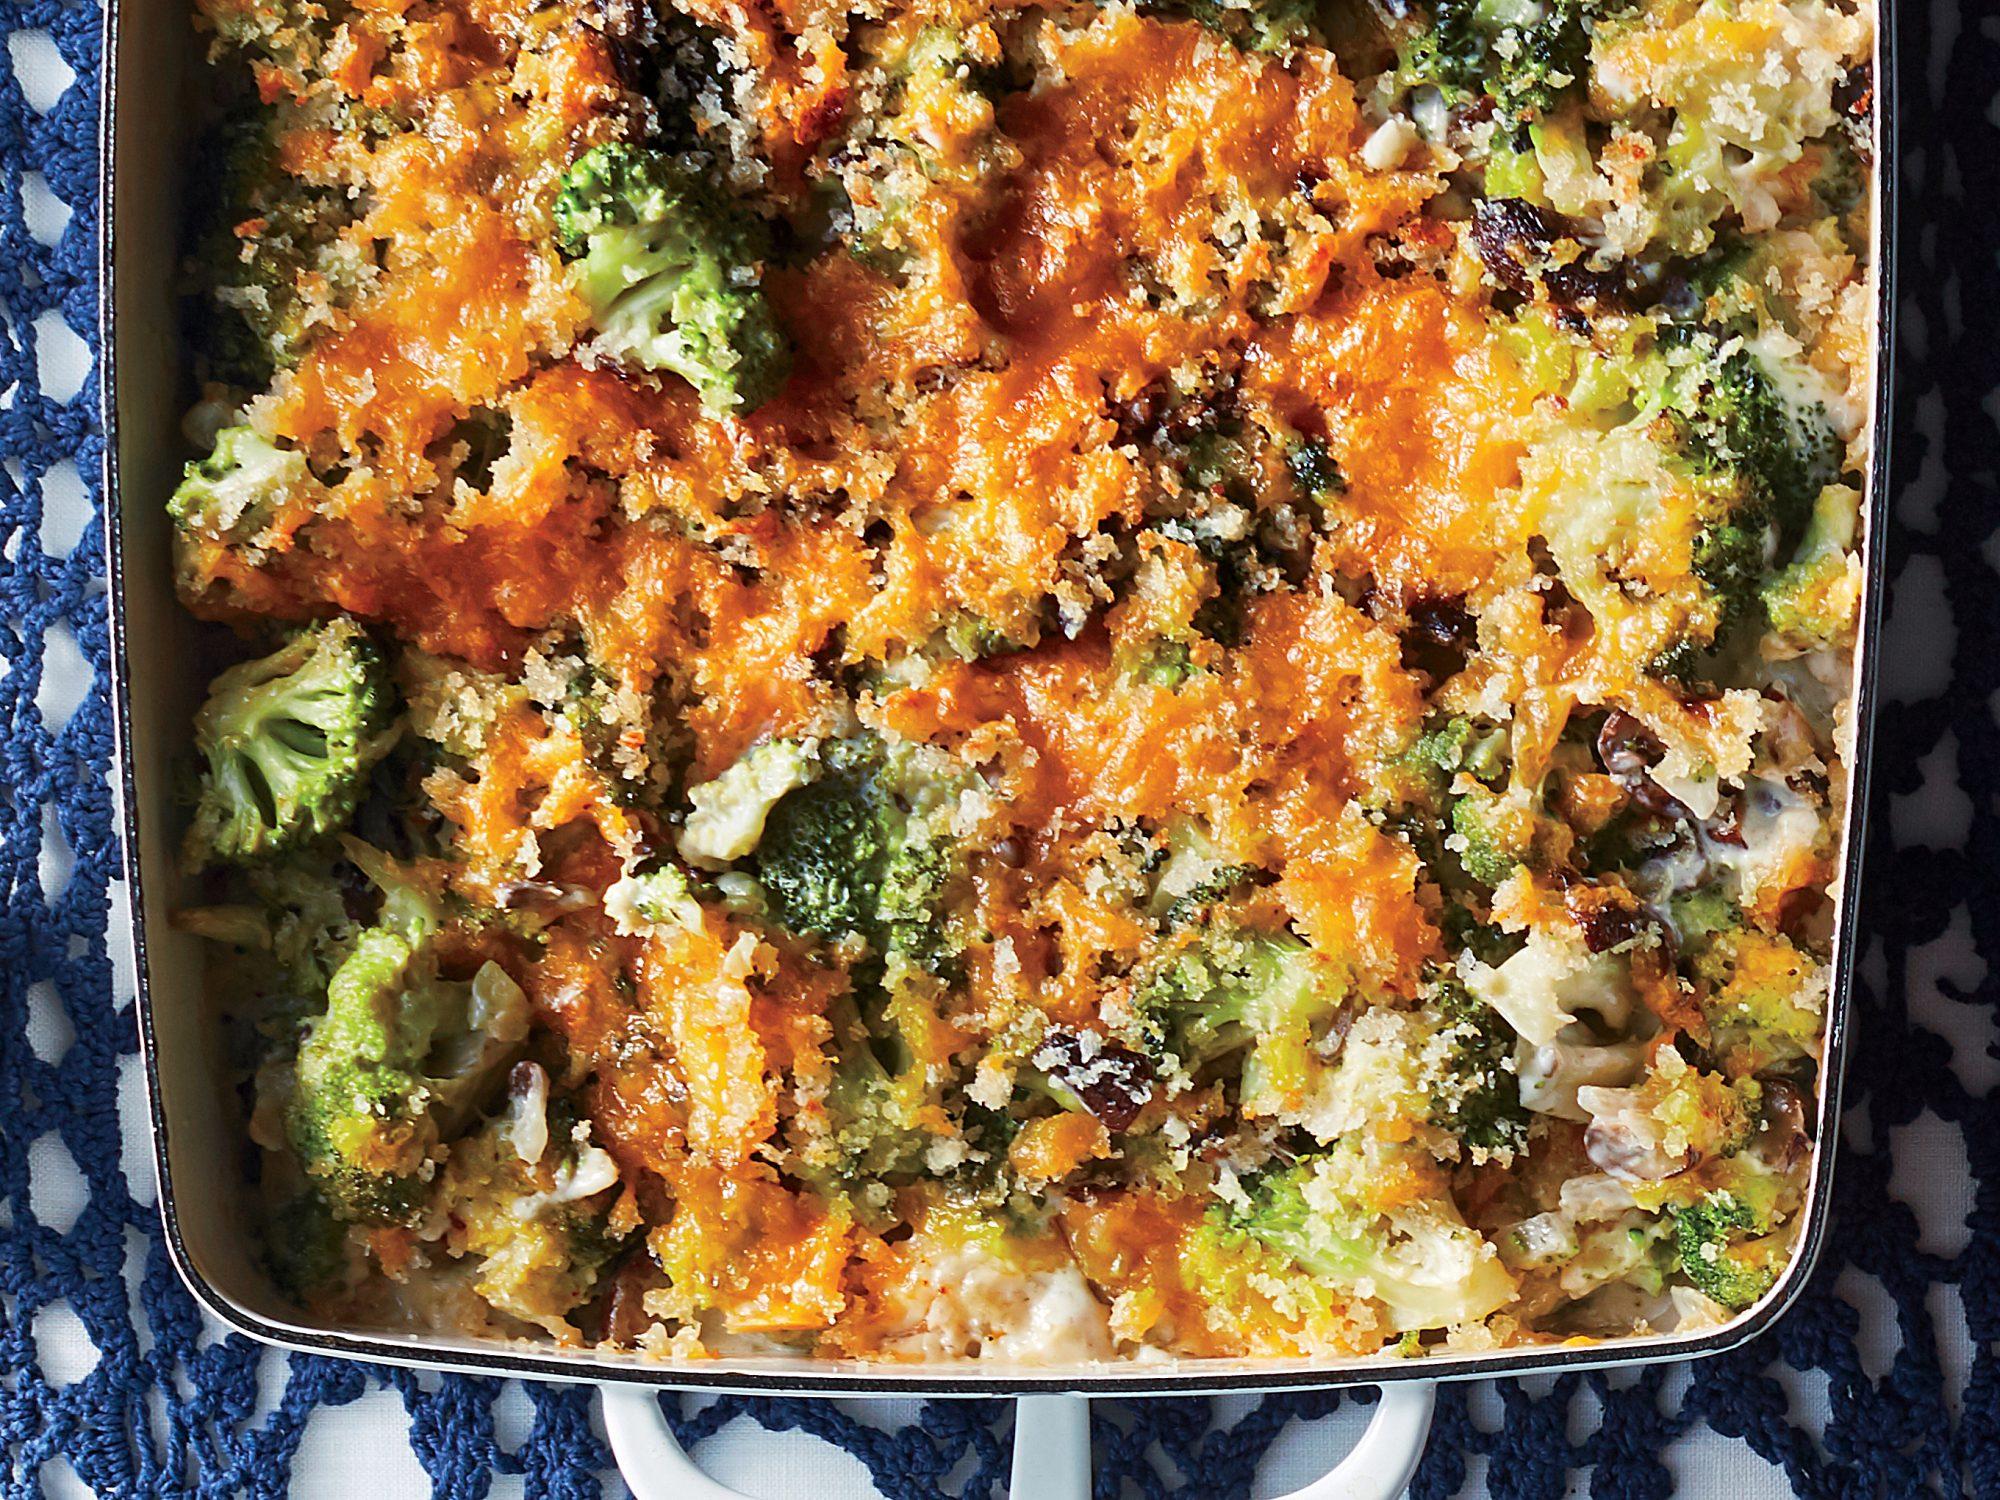 Creamy Broccoli-Cheddar Casserole